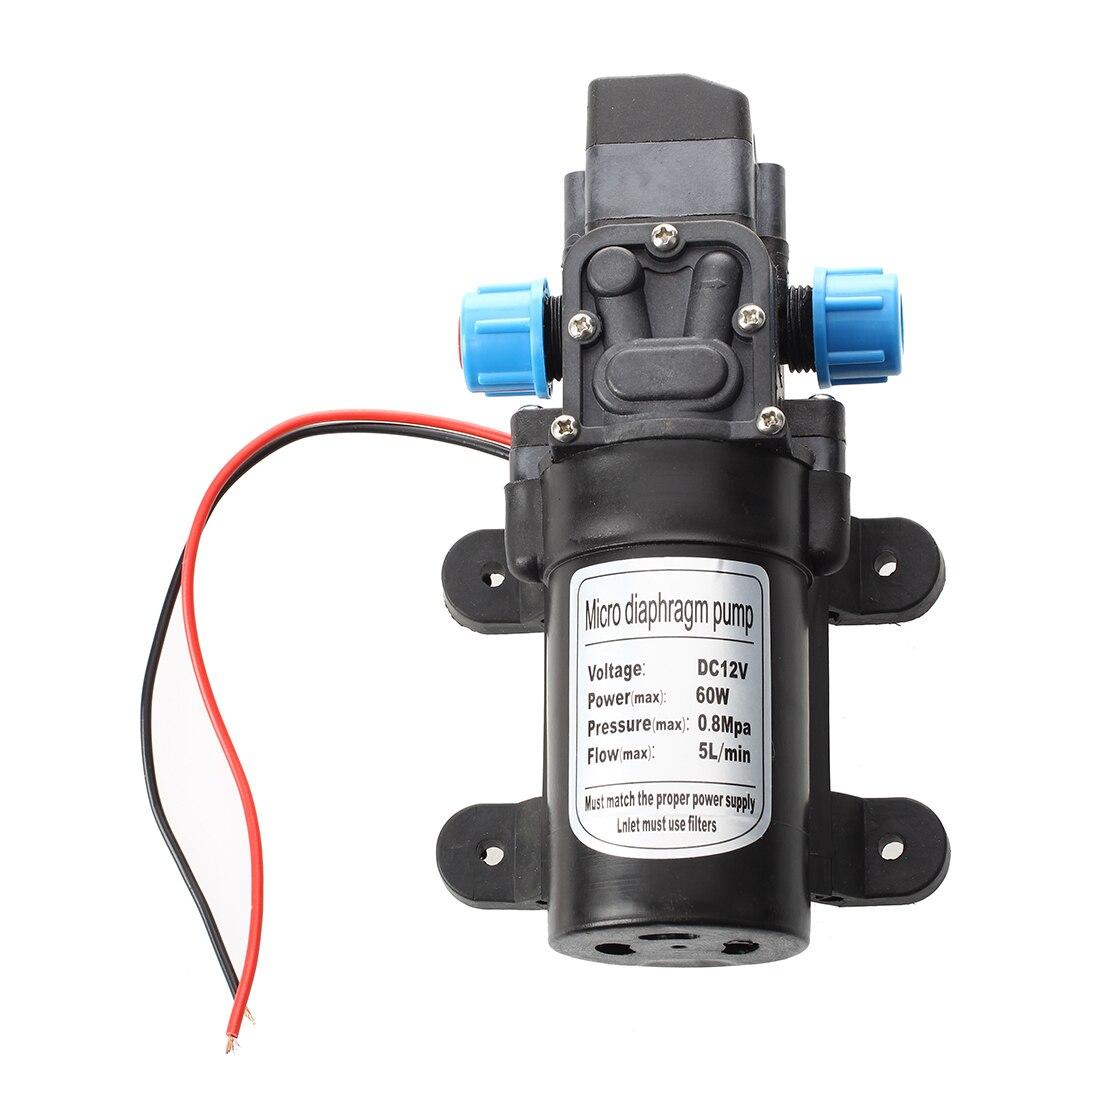 Preto DC 12V 60W desligamento automático da bomba de água de alta pressão mini-membrana 5L/min